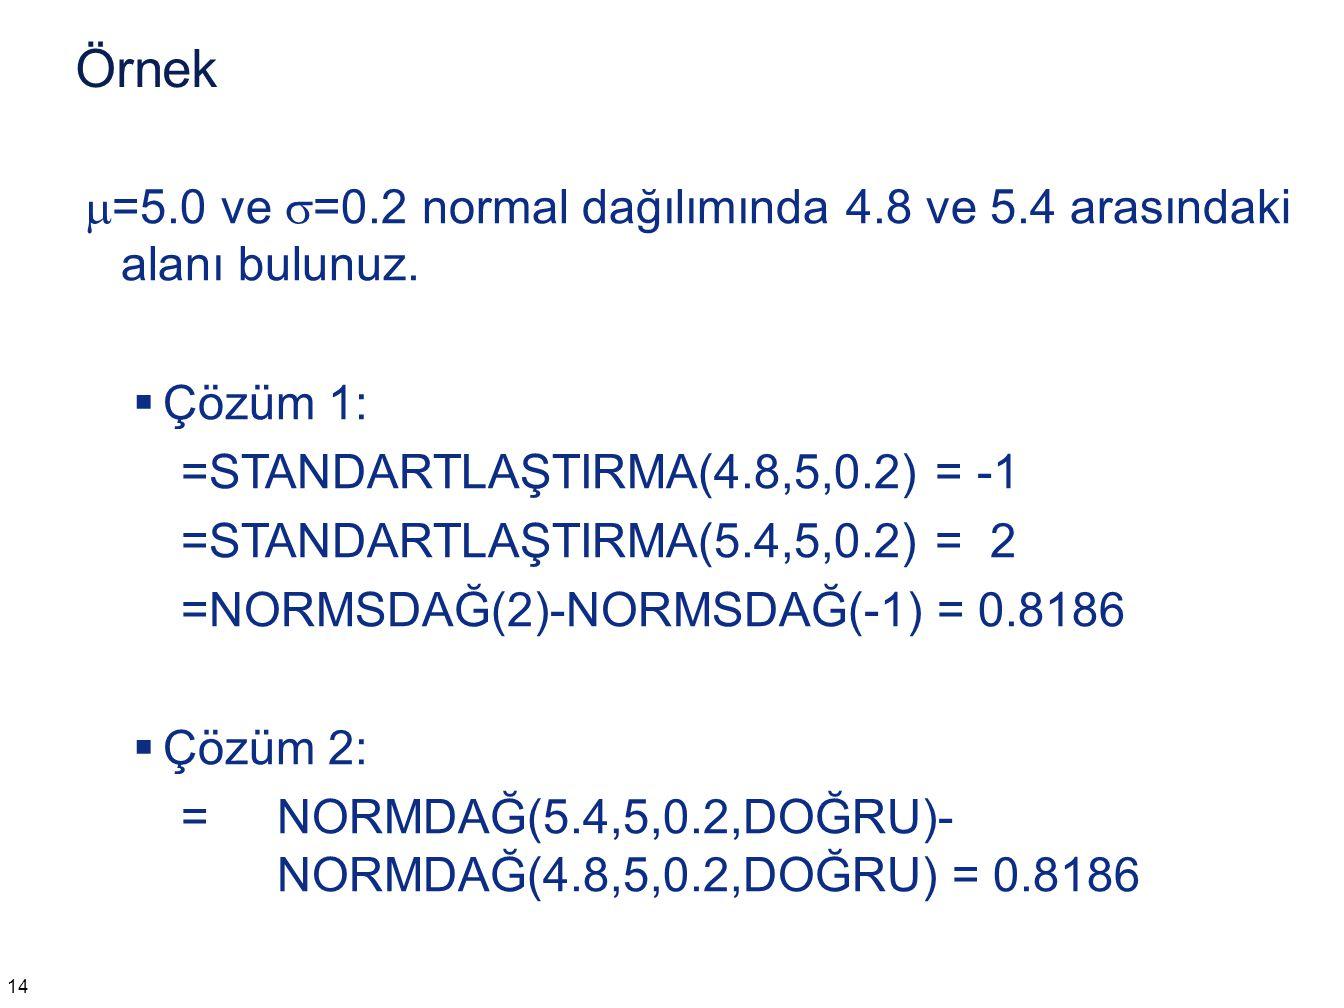 Örnek  =5.0 ve  =0.2 normal dağılımında 4.8 ve 5.4 arasındaki alanı bulunuz.  Çözüm 1: =STANDARTLAŞTIRMA(4.8,5,0.2) = -1 =STANDARTLAŞTIRMA(5.4,5,0.